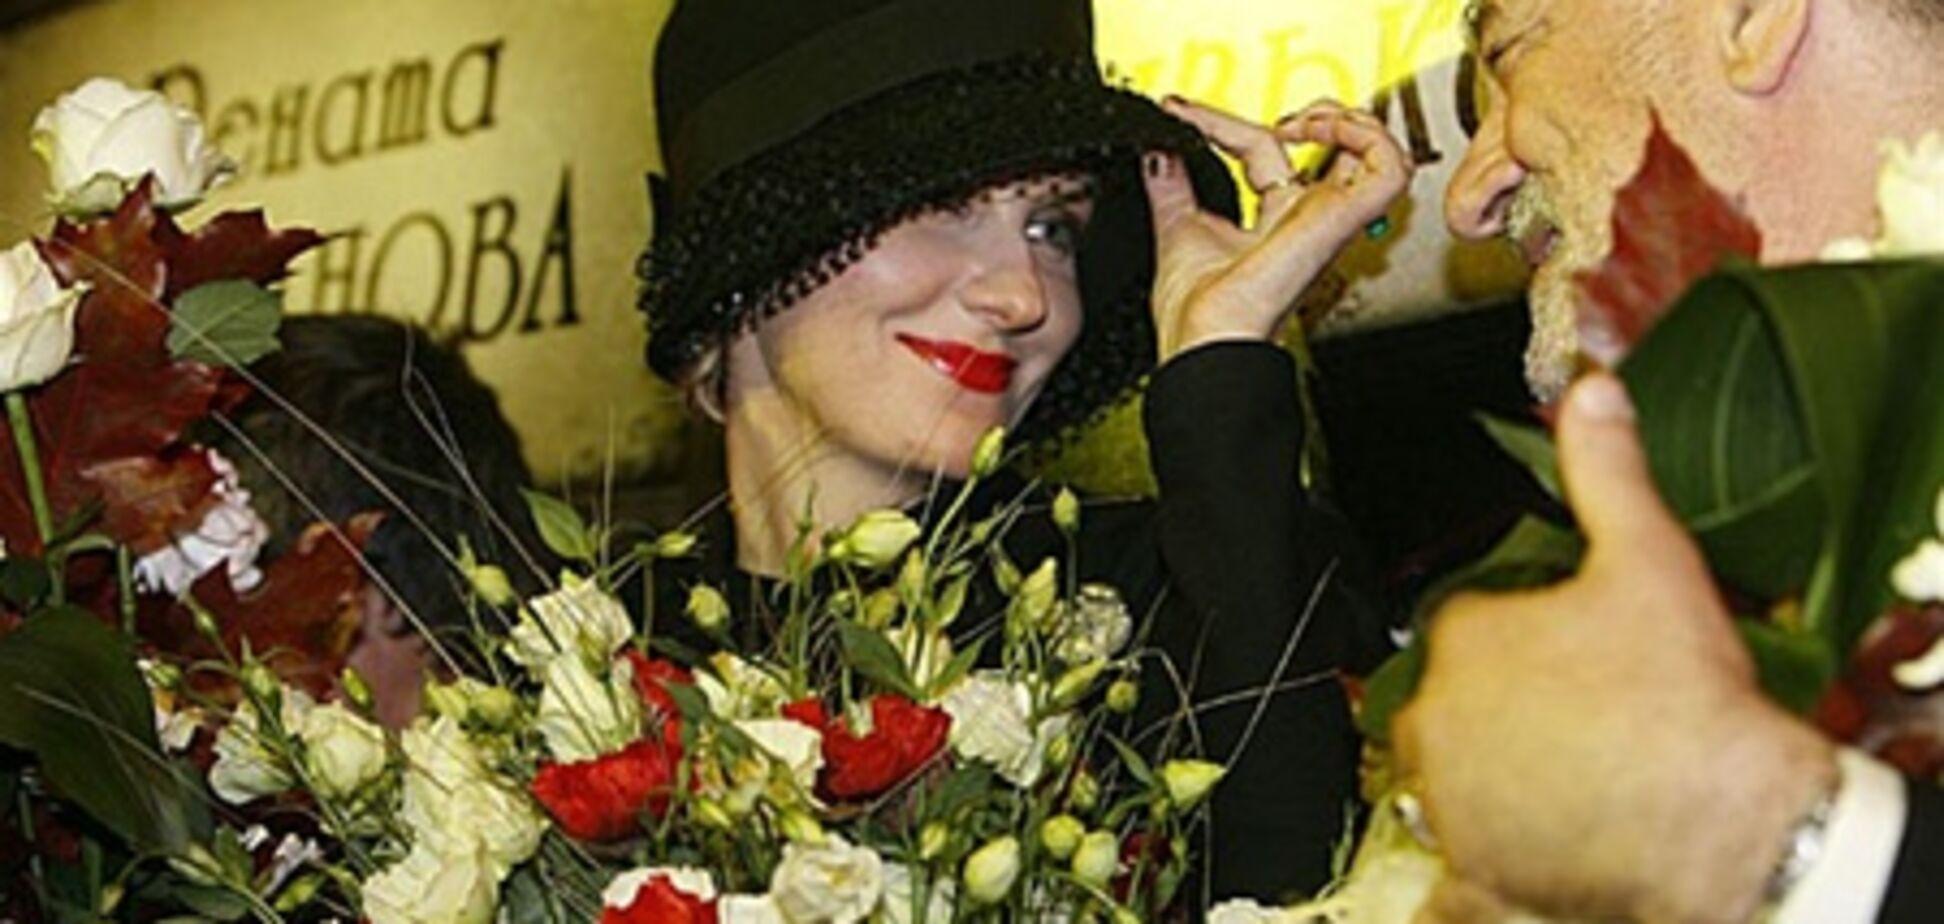 Литвинова: съемки со Ступкой были удовольствием